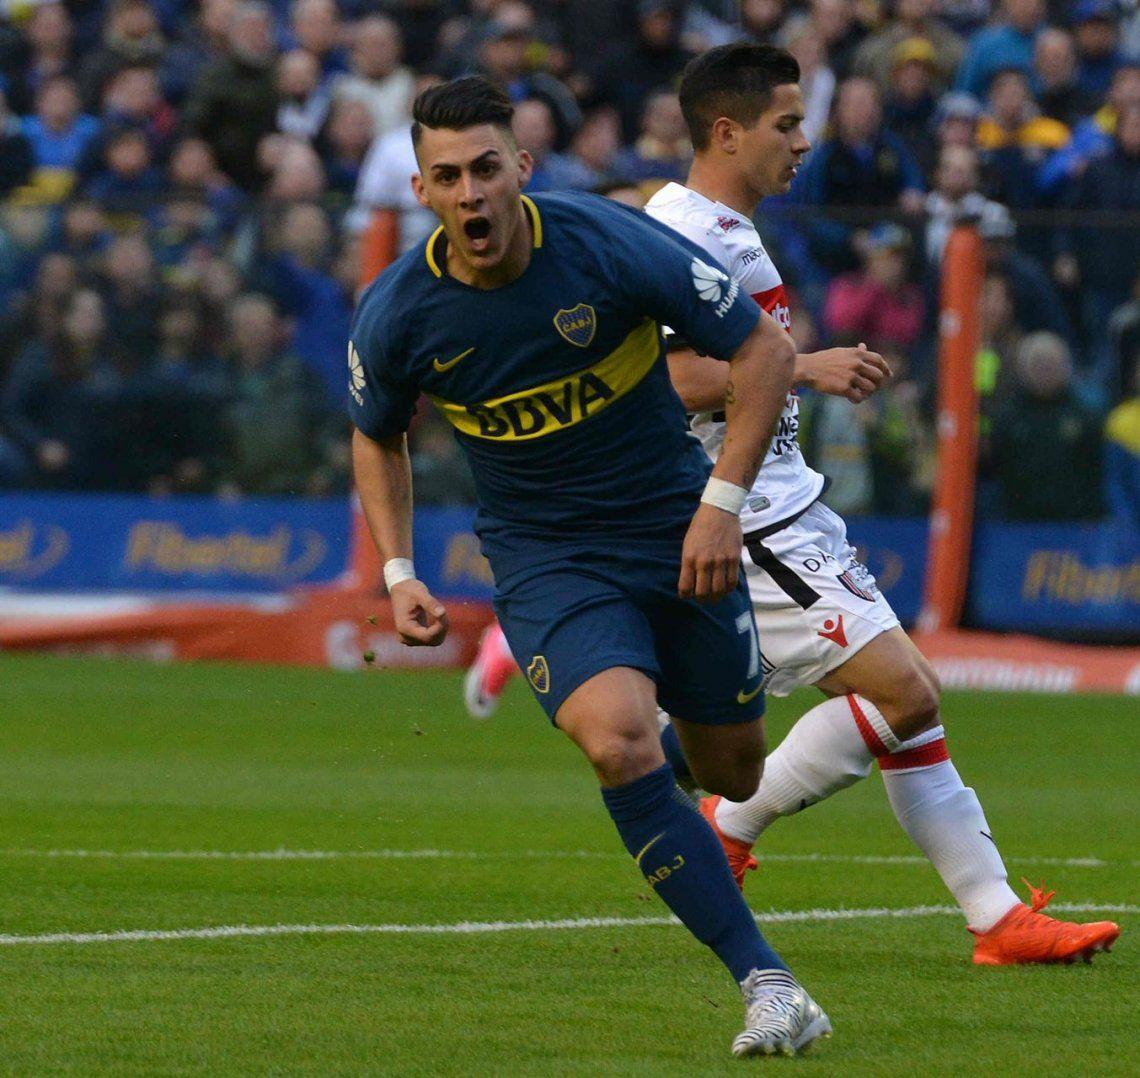 El Milan prepara una oferta multimillonaria para llevarse a Cristian Pavón de Boca